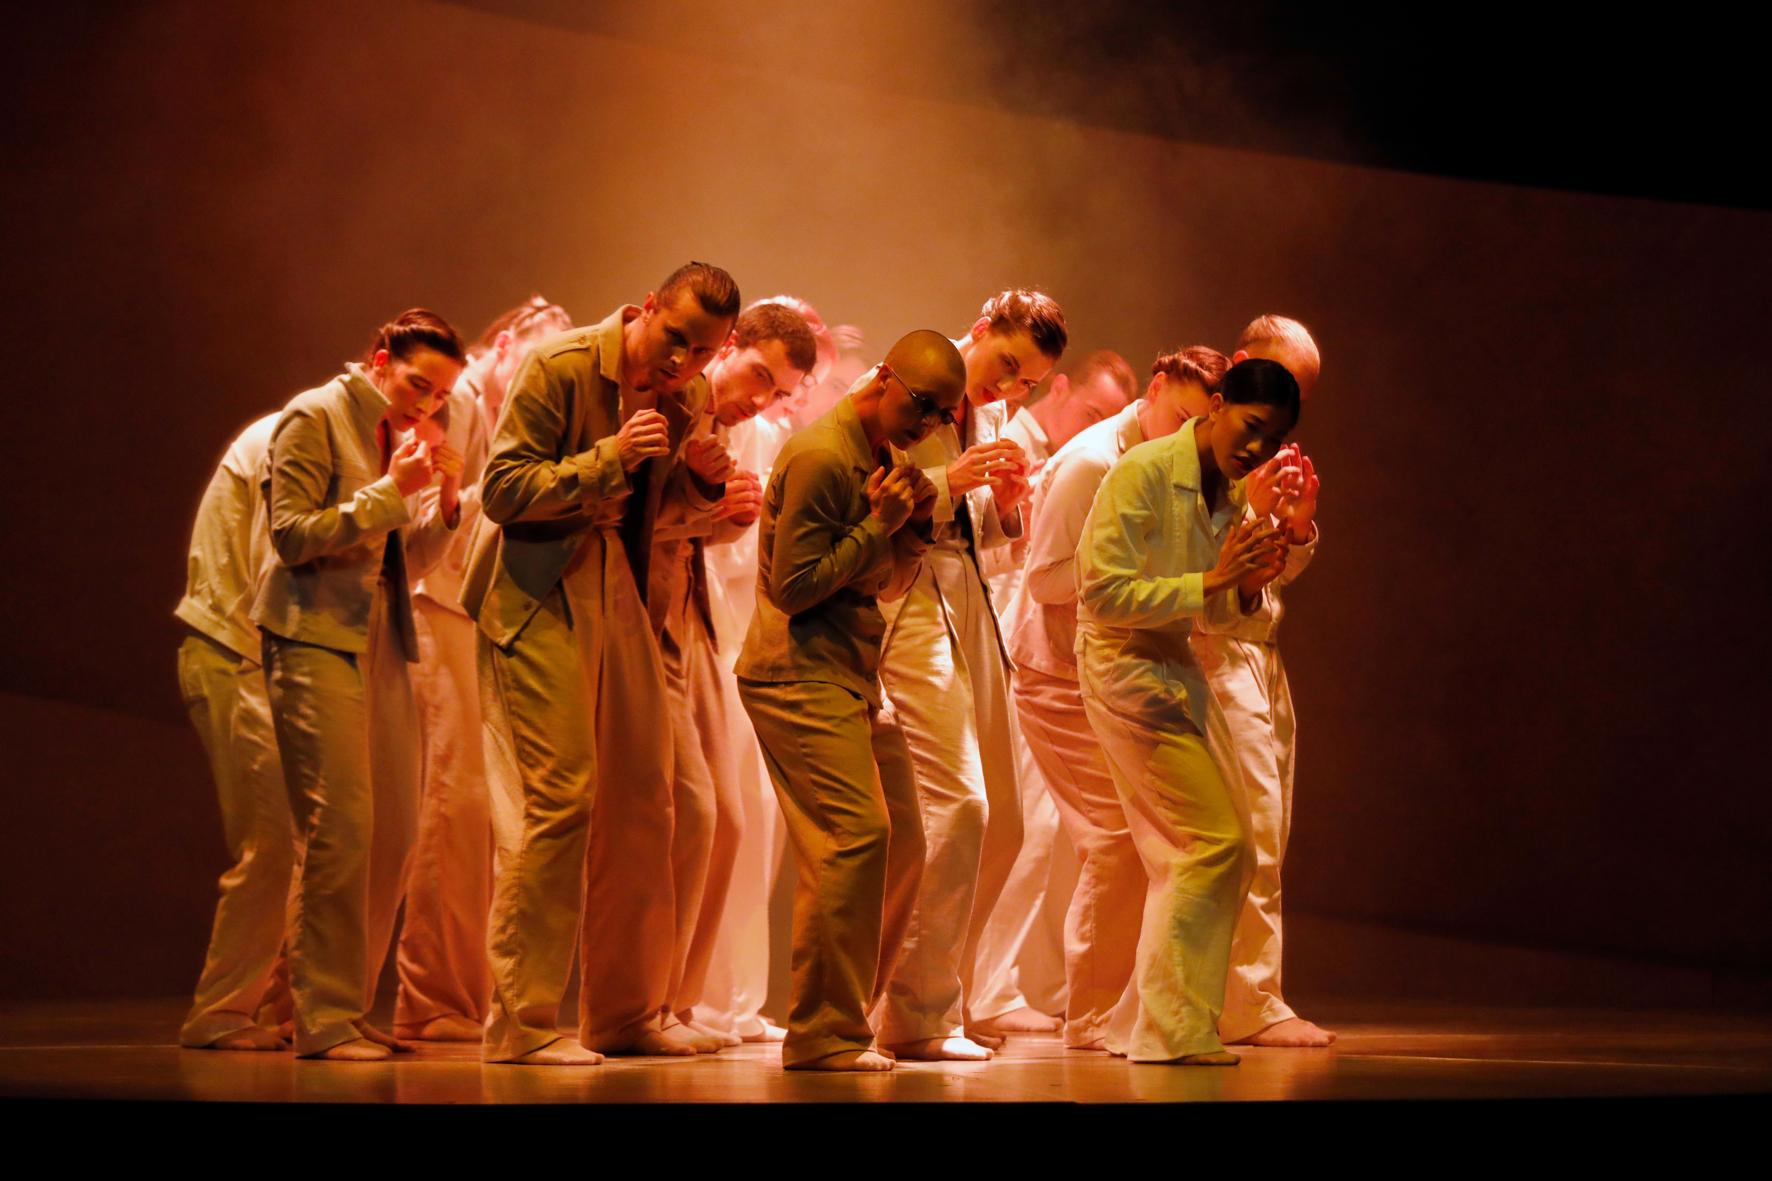 Een groep dansers met handen als vuisten voor de borst, ietwat gebogen en ingetogen dansend in een oranje licht.